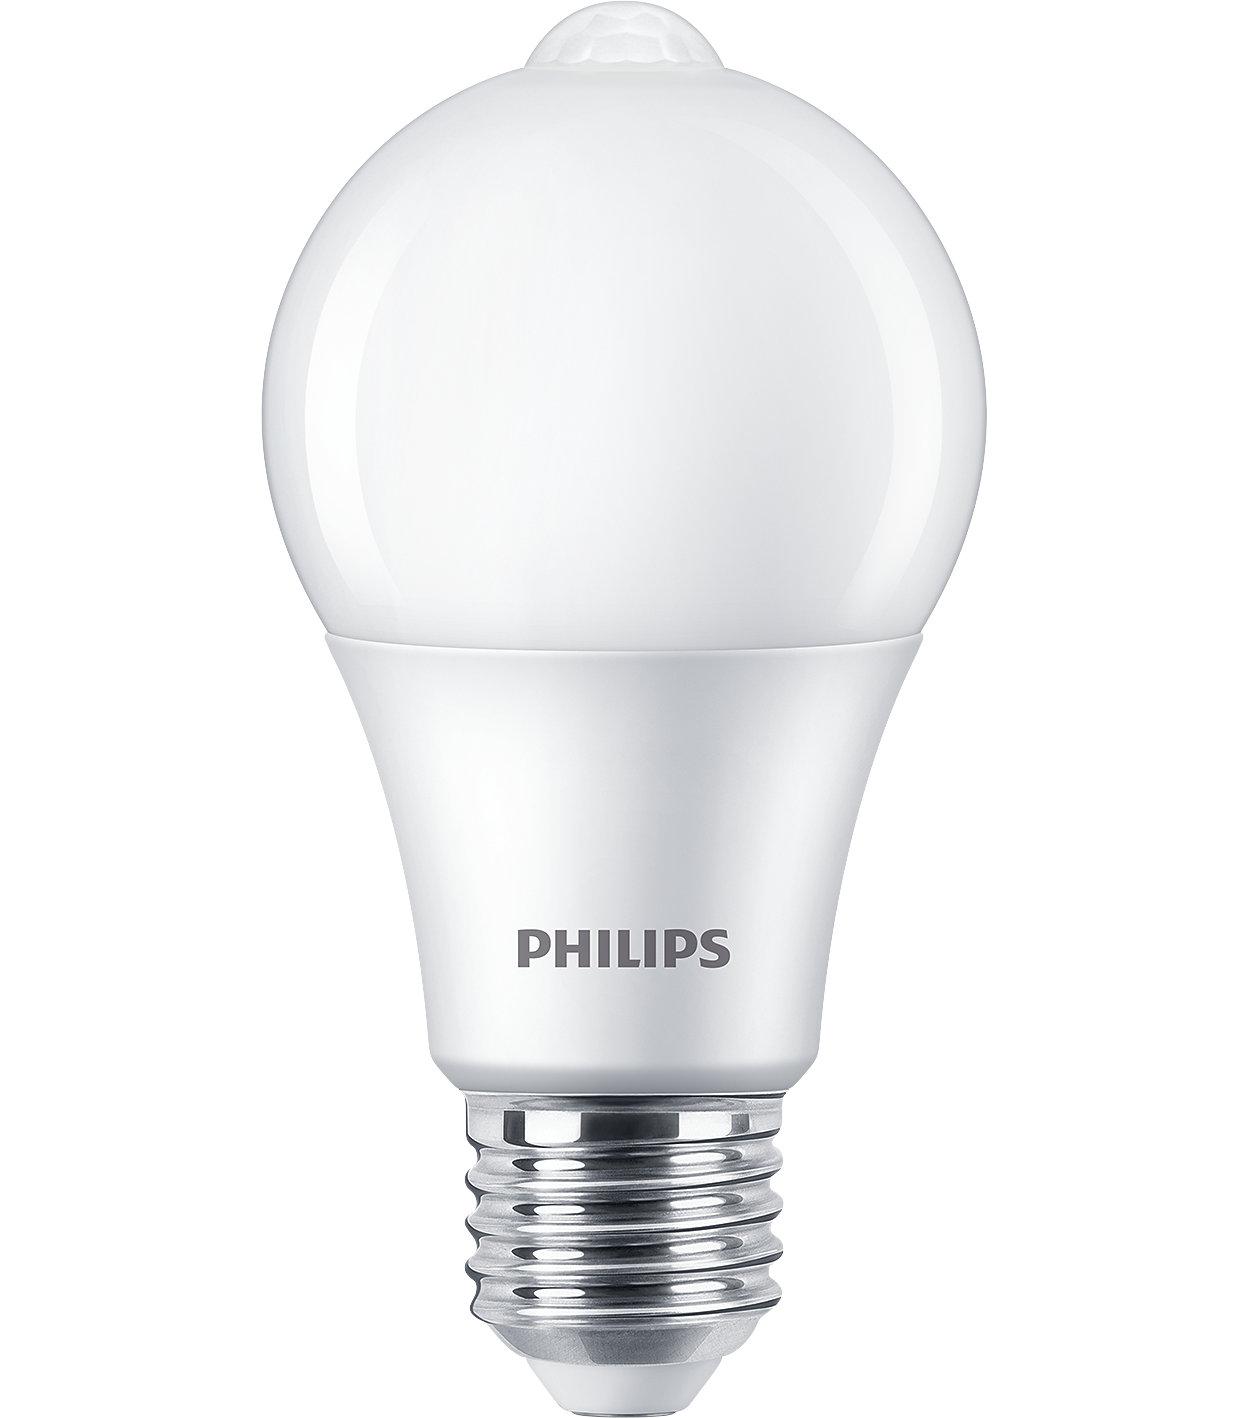 Močna LED-osvetlitev z vrhunsko svetlobo